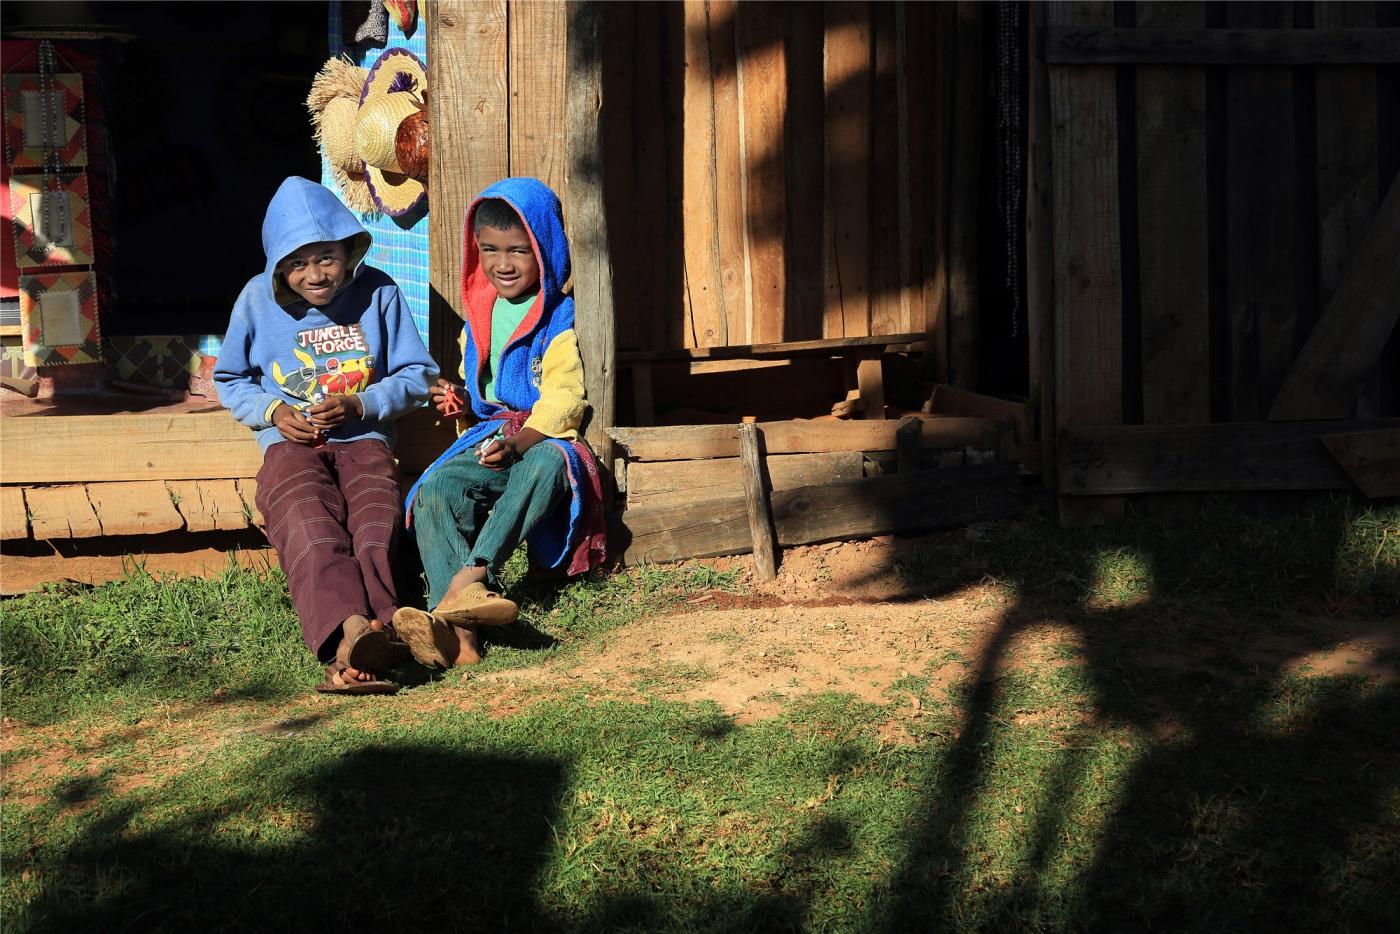 【原创实拍】黑色脸谱  ——行摄南部非洲(人像篇)_图1-23